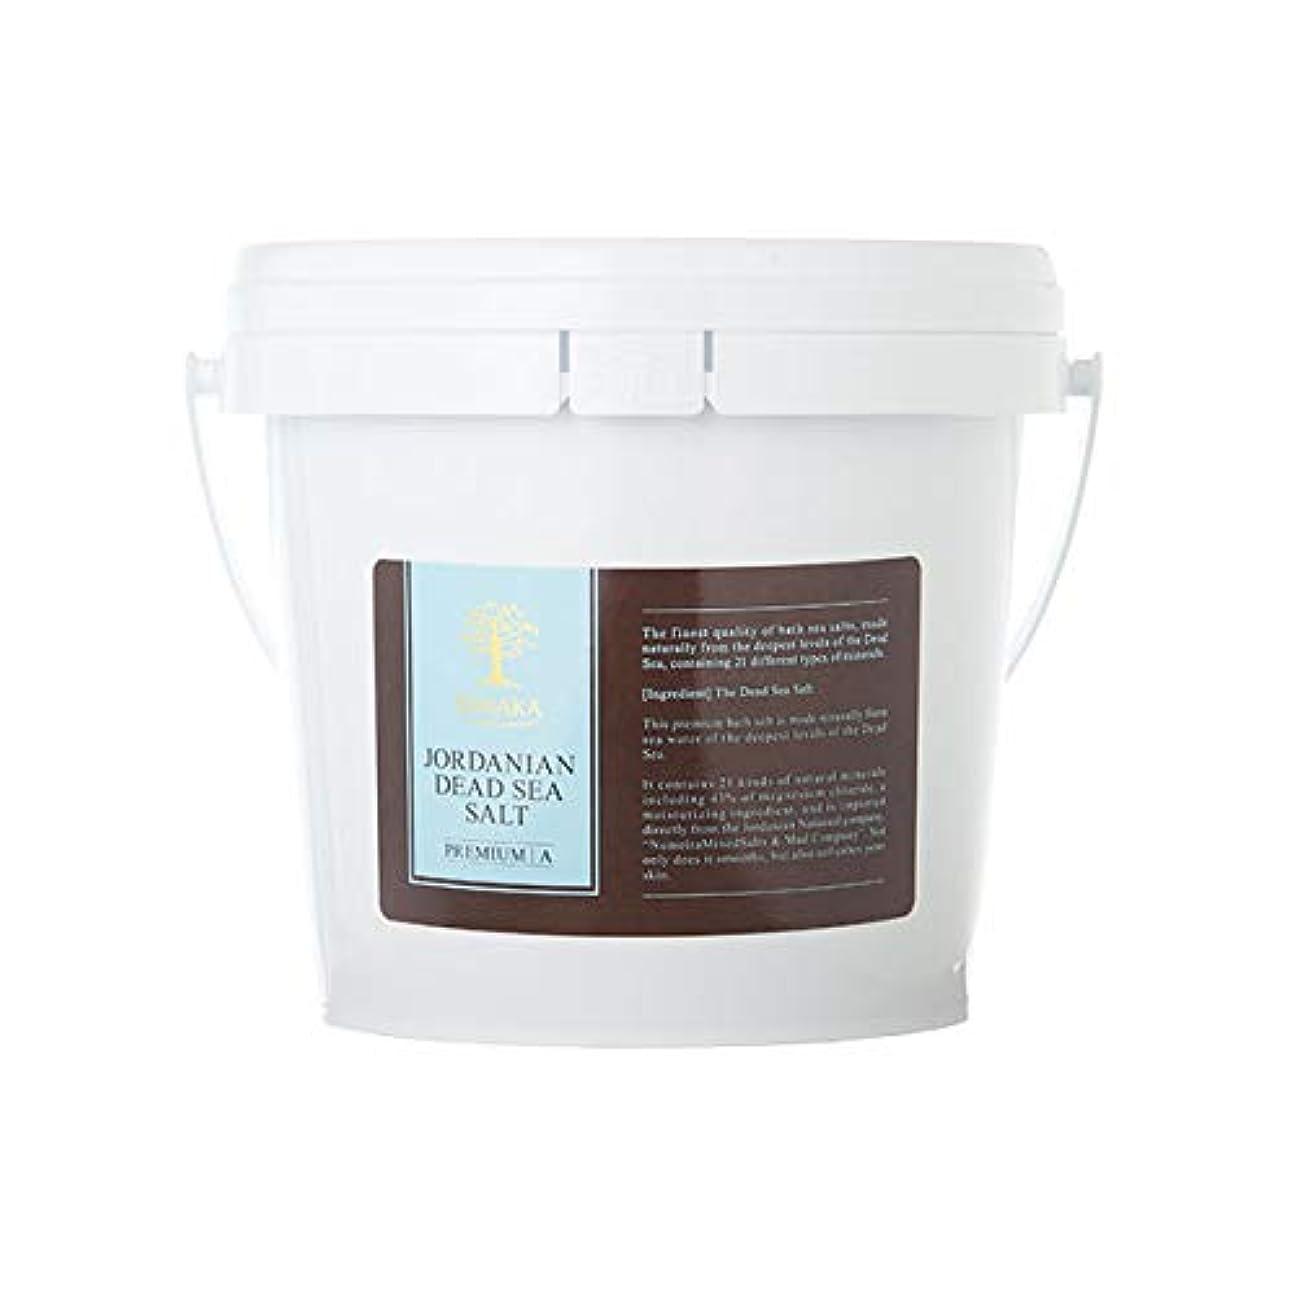 ベジタリアン集まる保安BARAKA(バラカ) ジョルダニアン デッドシー ソルト バケツ 1.5kg バスソルト 入浴剤 ヨルダン産死海塩100%